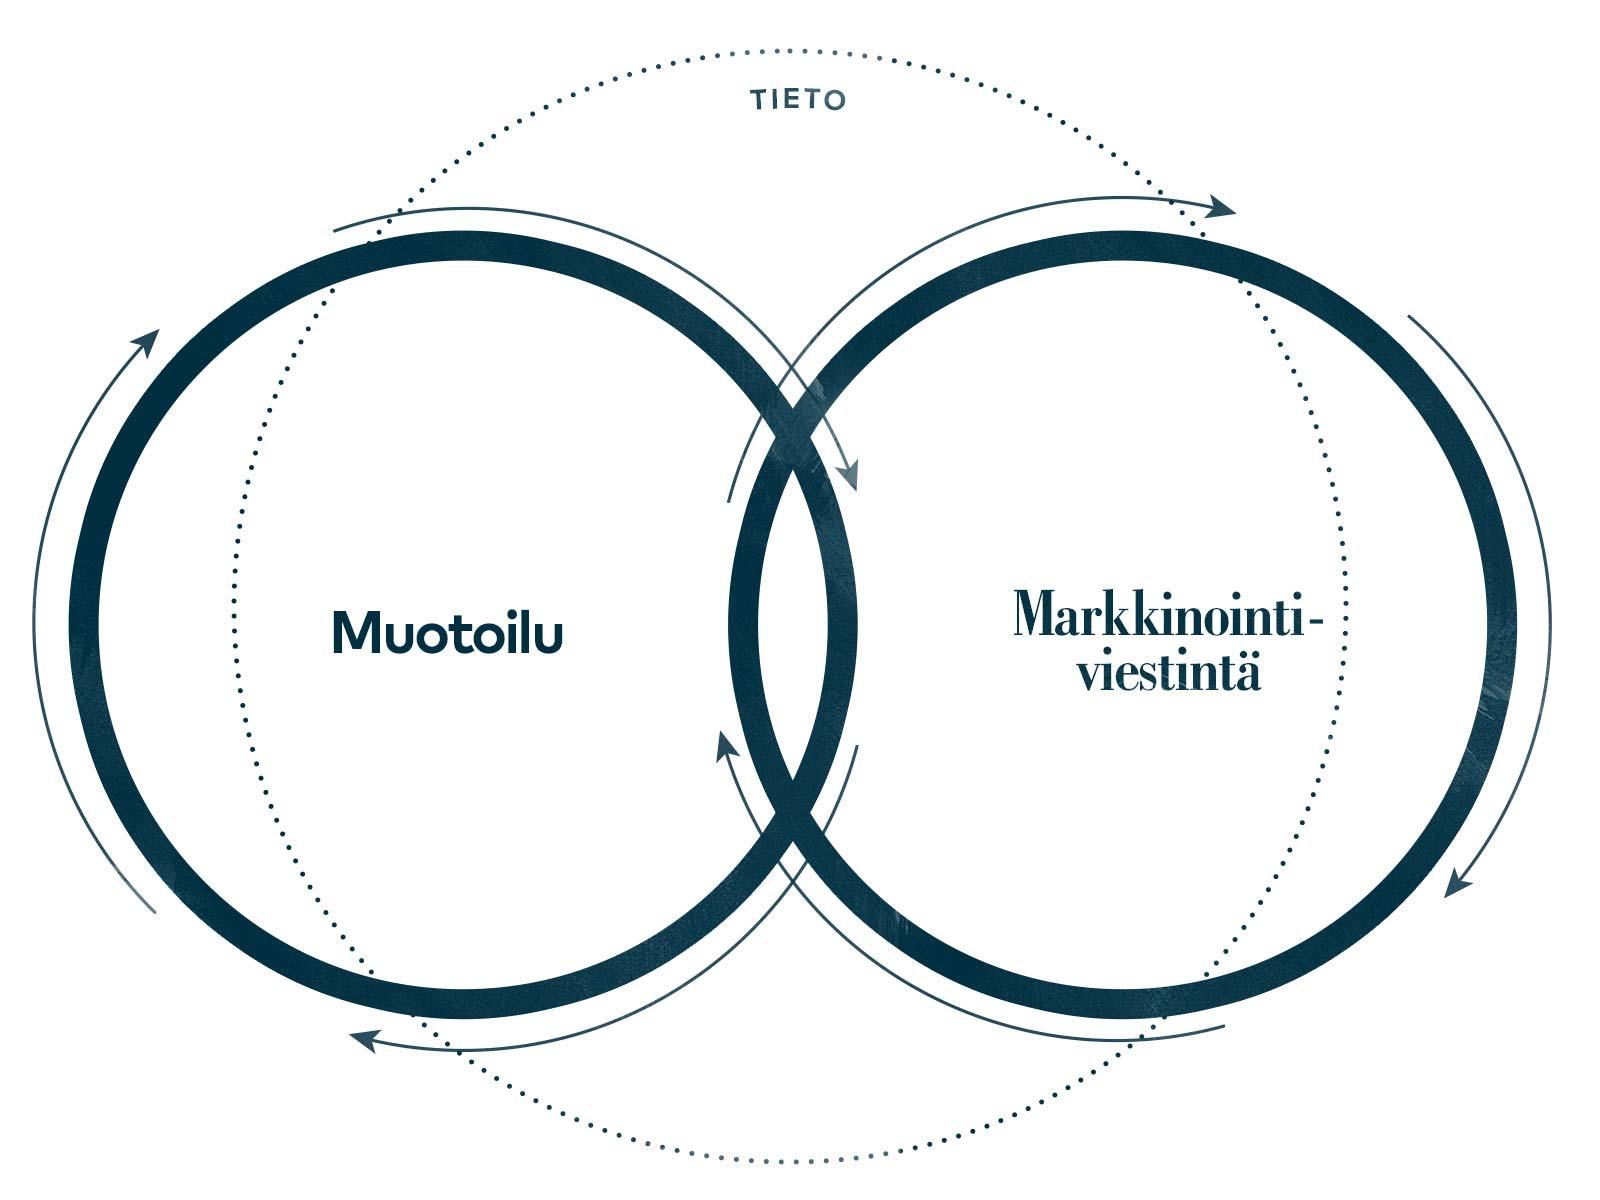 muotoilu-markkinointi